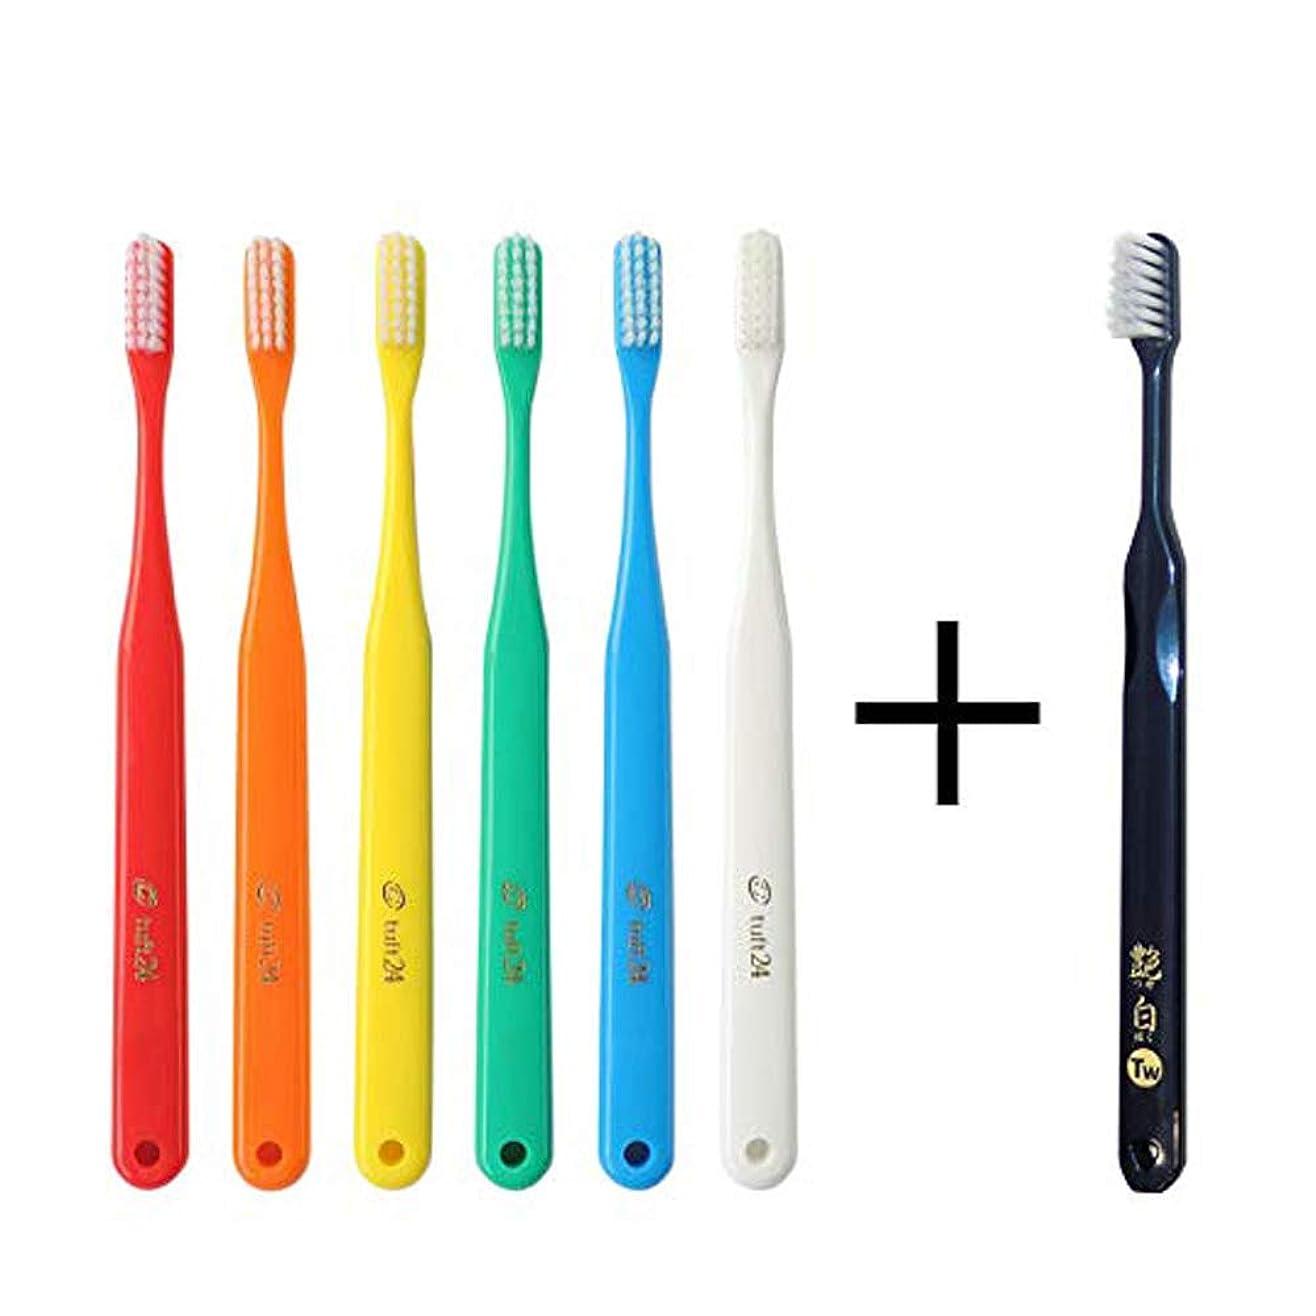 威するストライドフィドルタフト24 歯ブラシ × 10本 (MS) キャップなし + 艶白ツイン ハブラシ (MS やややわらかめ)×1本 むし歯予防 歯科専売品